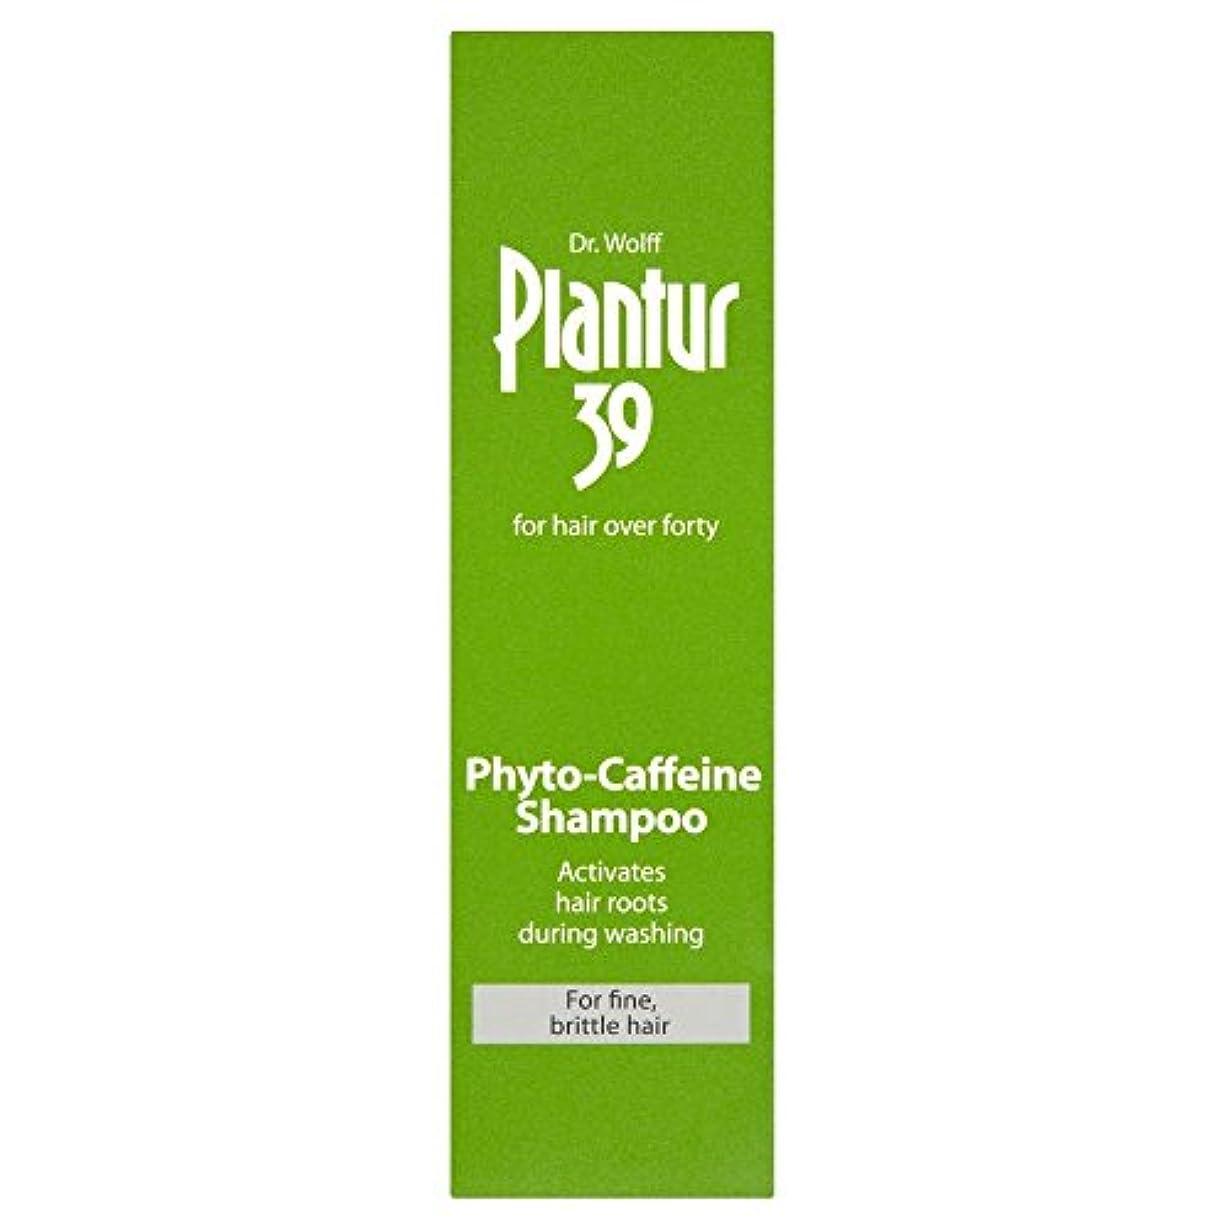 発掘する従来の酸化物Plantur 39 Phyto Caffeine Shampoo for Coloured & Stressed Hair (250ml) 色や髪を強調した( 250ミリリットル)のための39フィトのカフェインシャンプー...